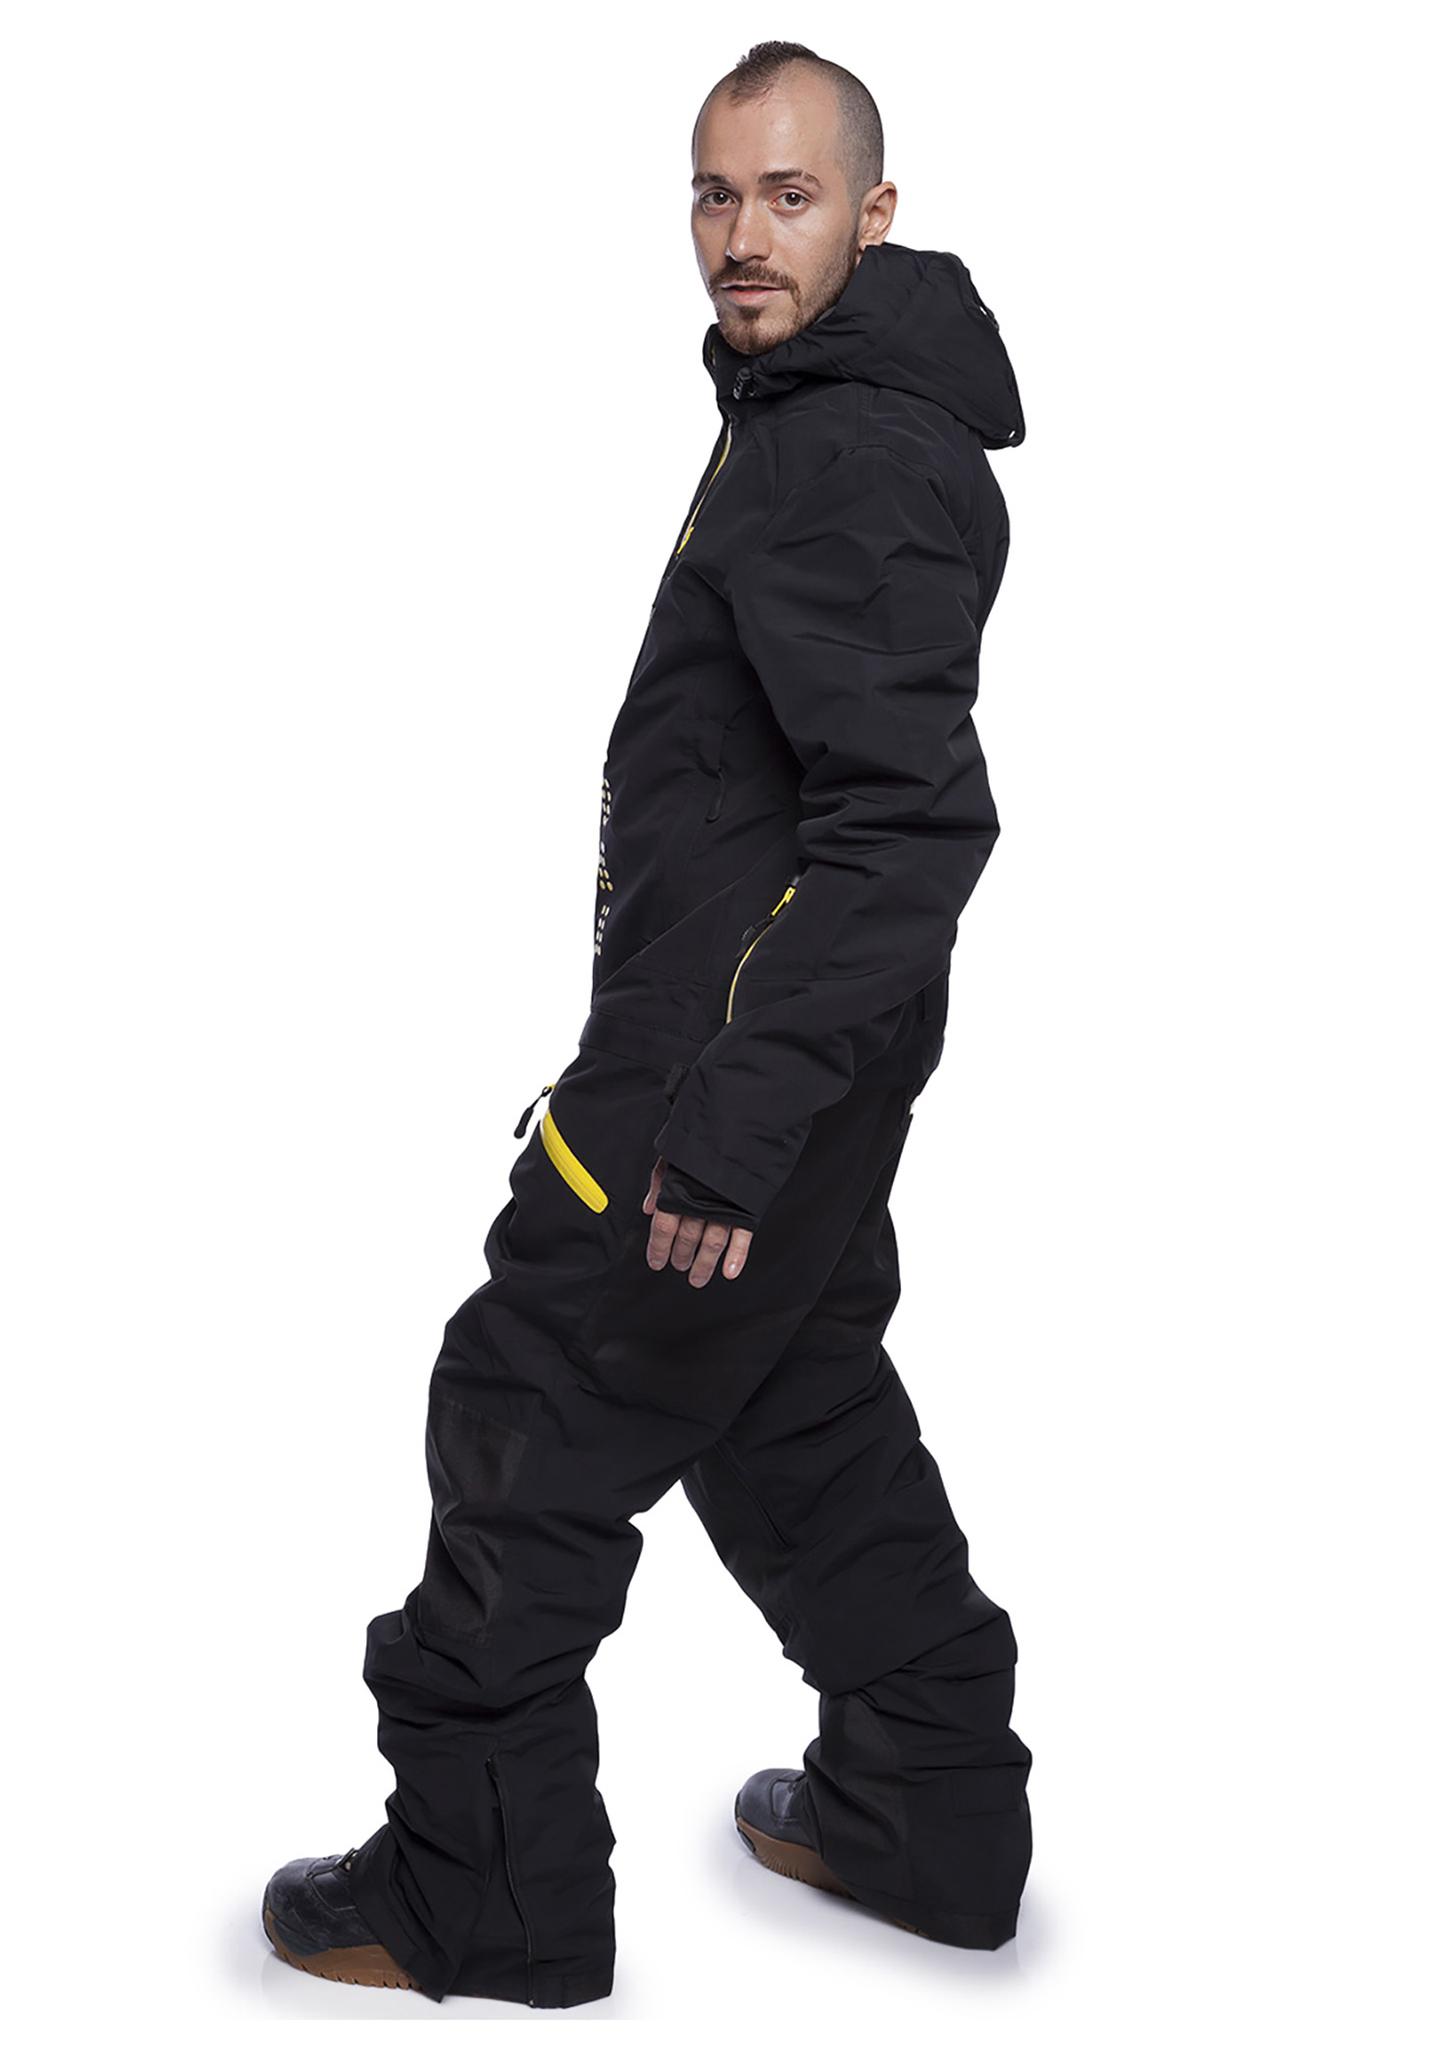 Утепленный комбинезон для мужчин Cool Zone Kite (Кул зон) черный для сноуборда и кайтинга